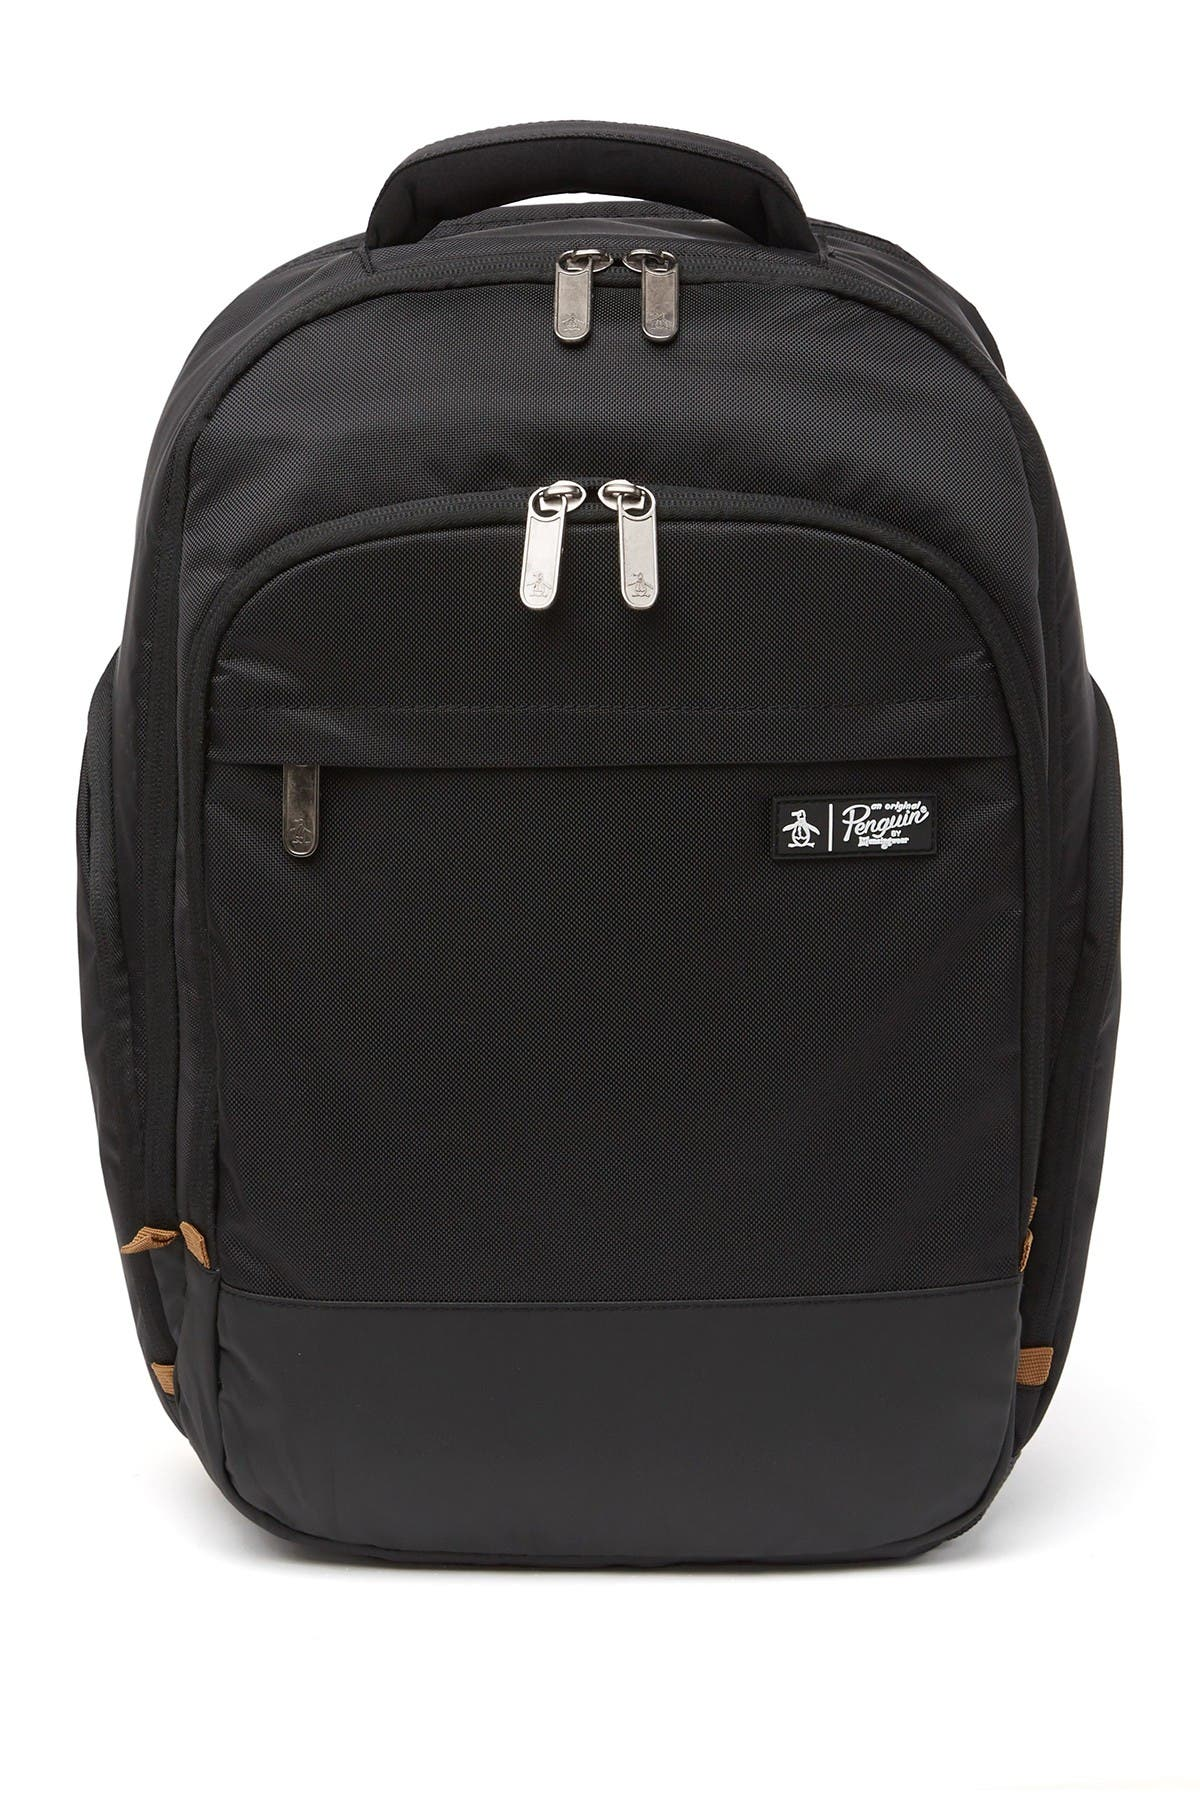 Image of Original Penguin Ryder Backpack